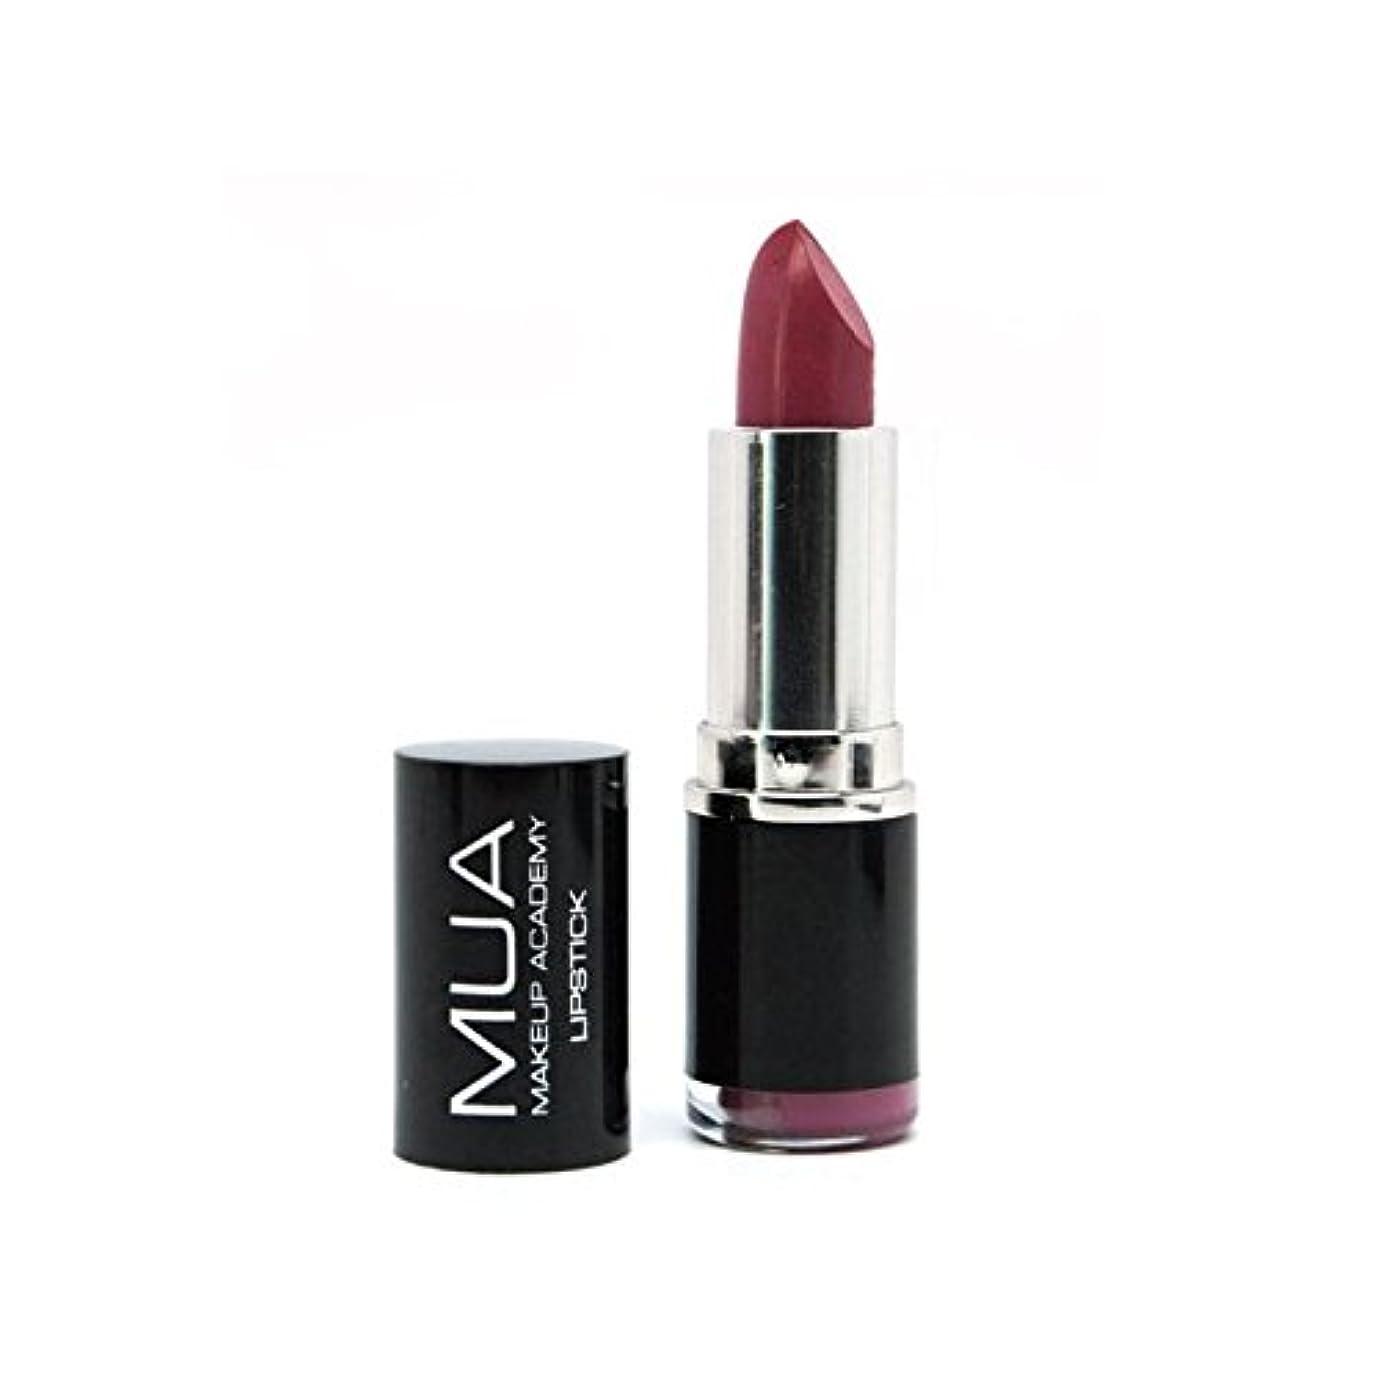 悔い改める戸棚ホストMUA Lipstick - Shade 2 (Pack of 6) - の口紅 - 日陰2 x6 [並行輸入品]